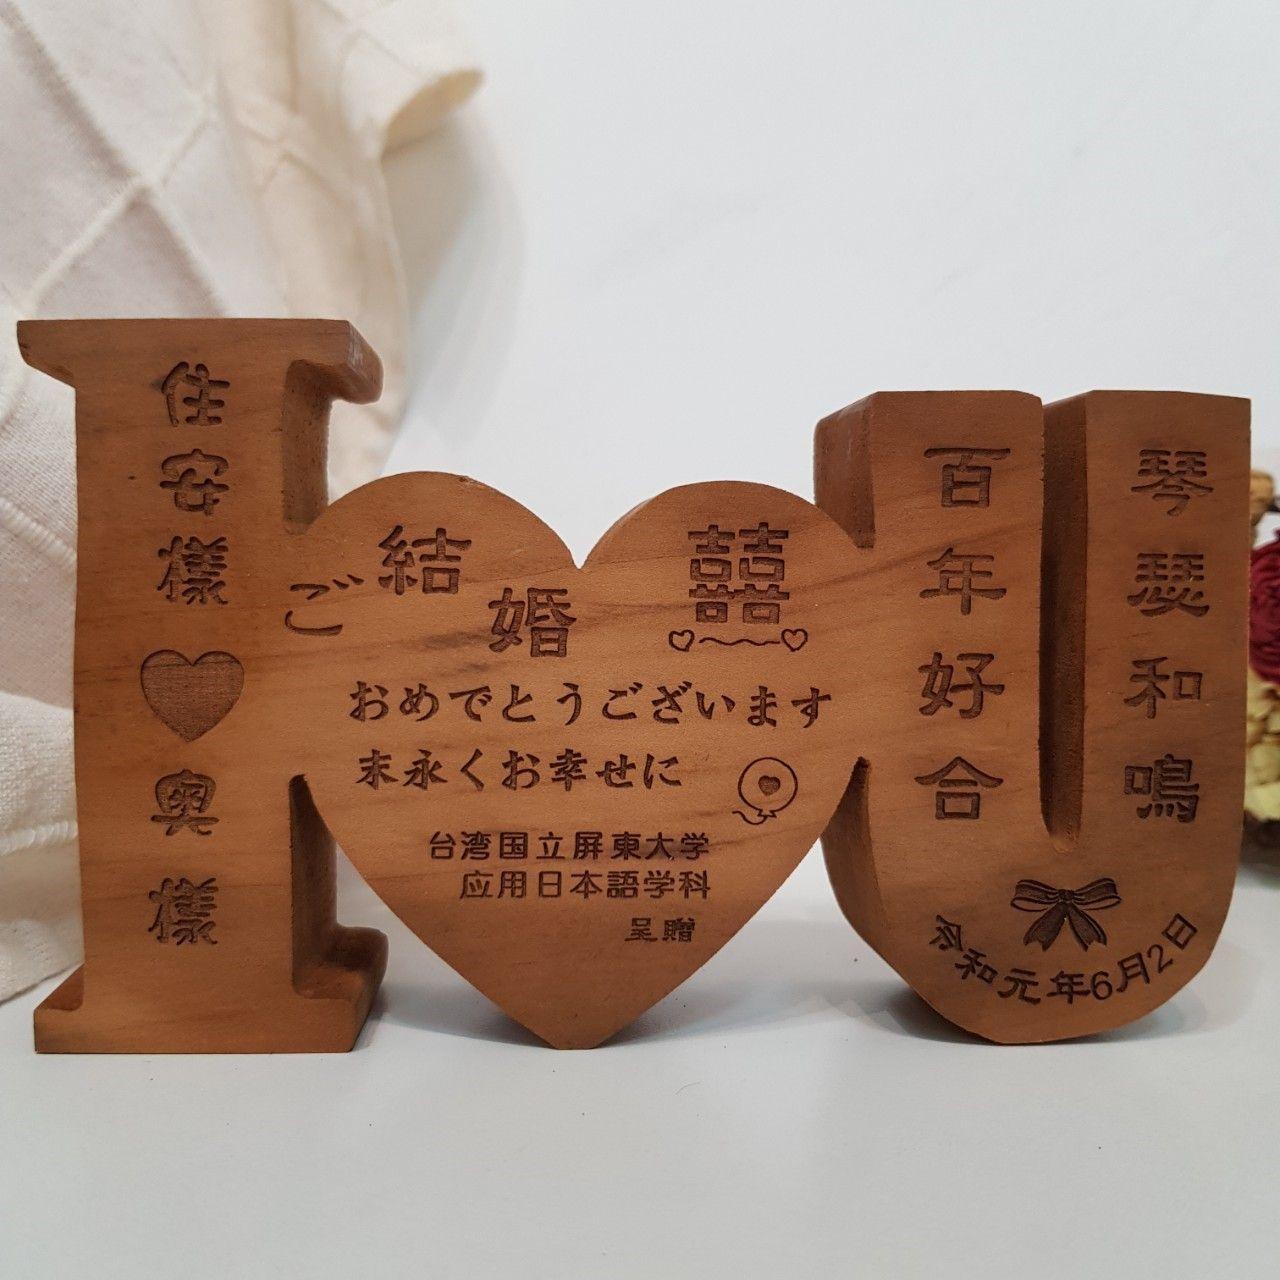 原木造型 雕刻 彩印